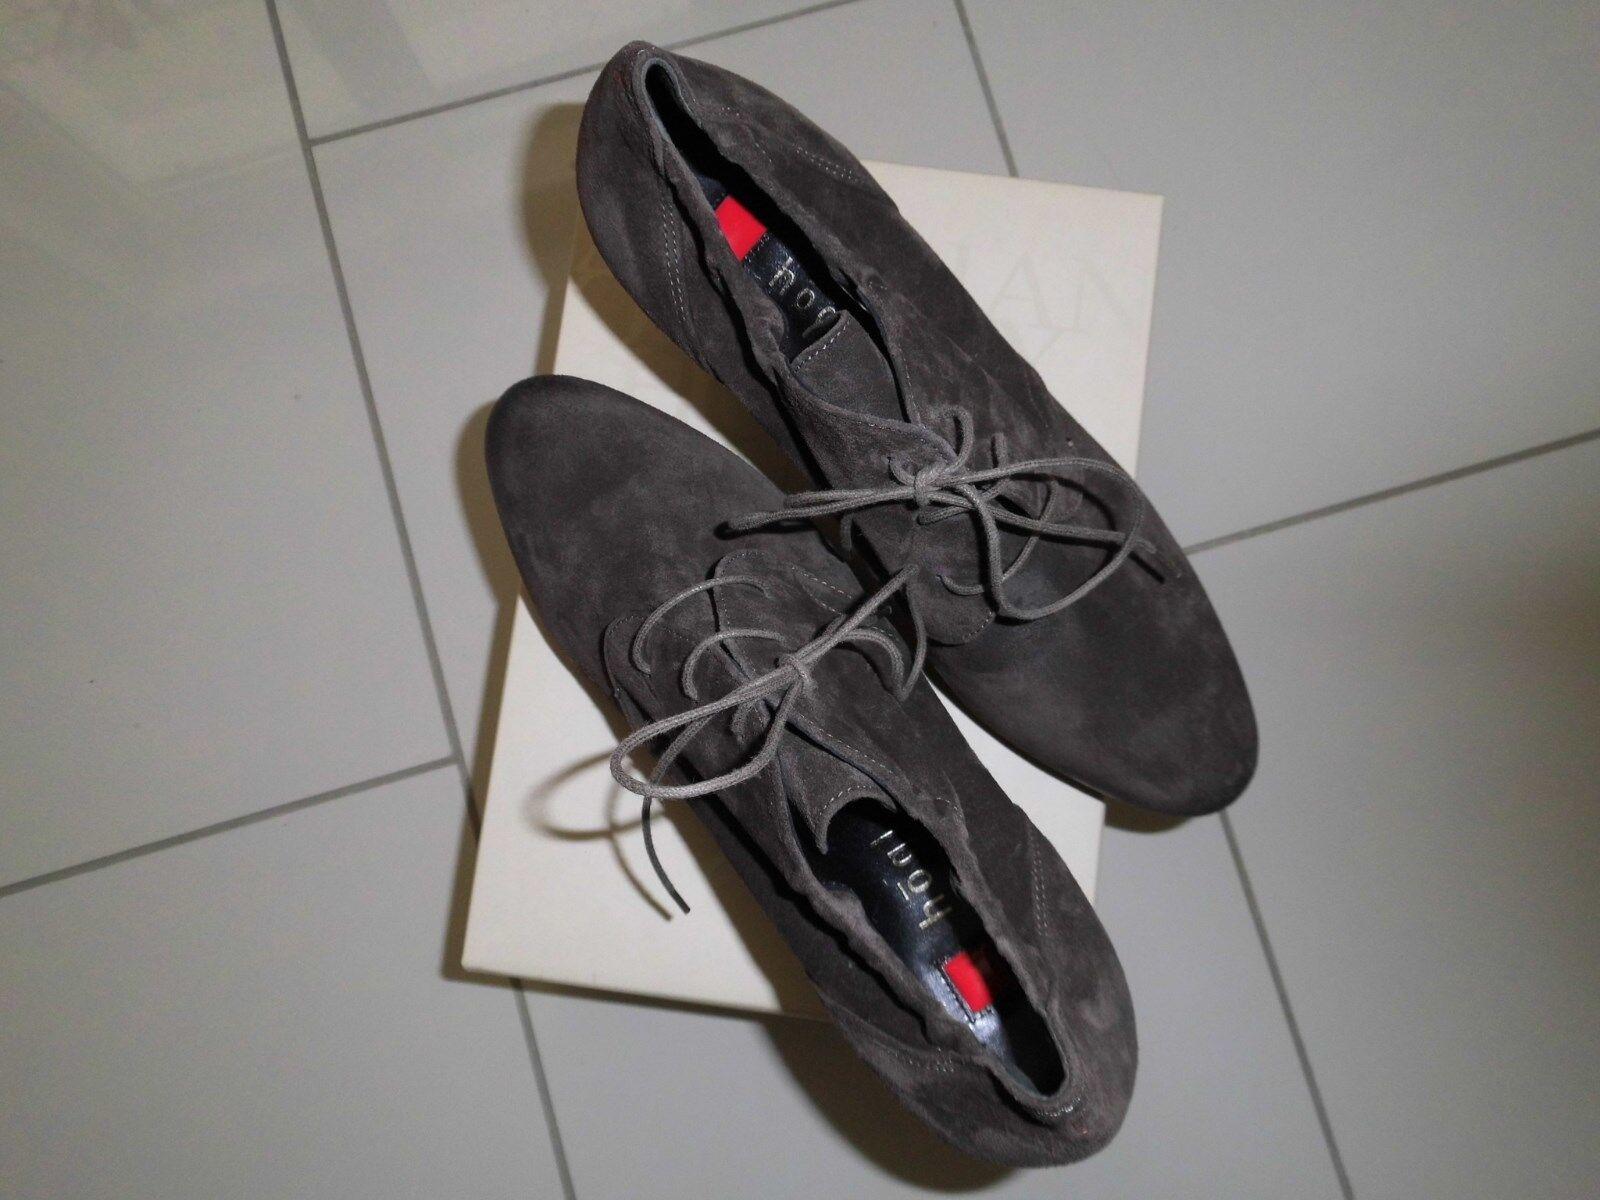 Högl Pumps Ankle Stiefel Highheels Gr40,5 Anthrazit Gr.7 Gr40,5 Highheels 41 Leder NEU 0d9022